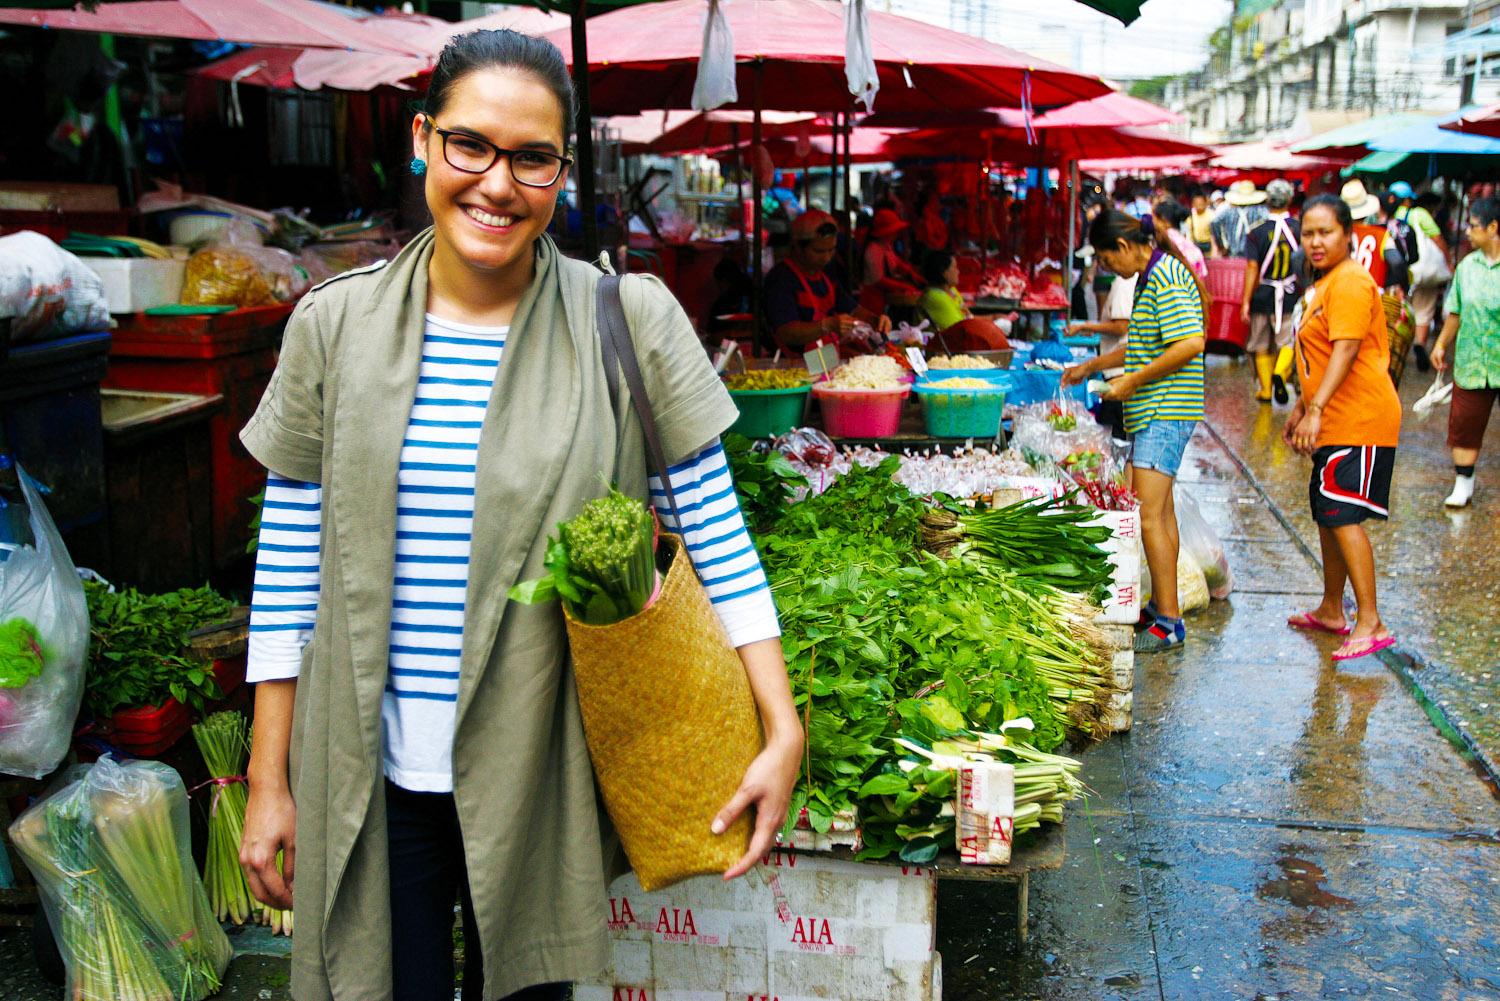 Marion Grasby at Khlong Toei market in Bangkok, Thailand.